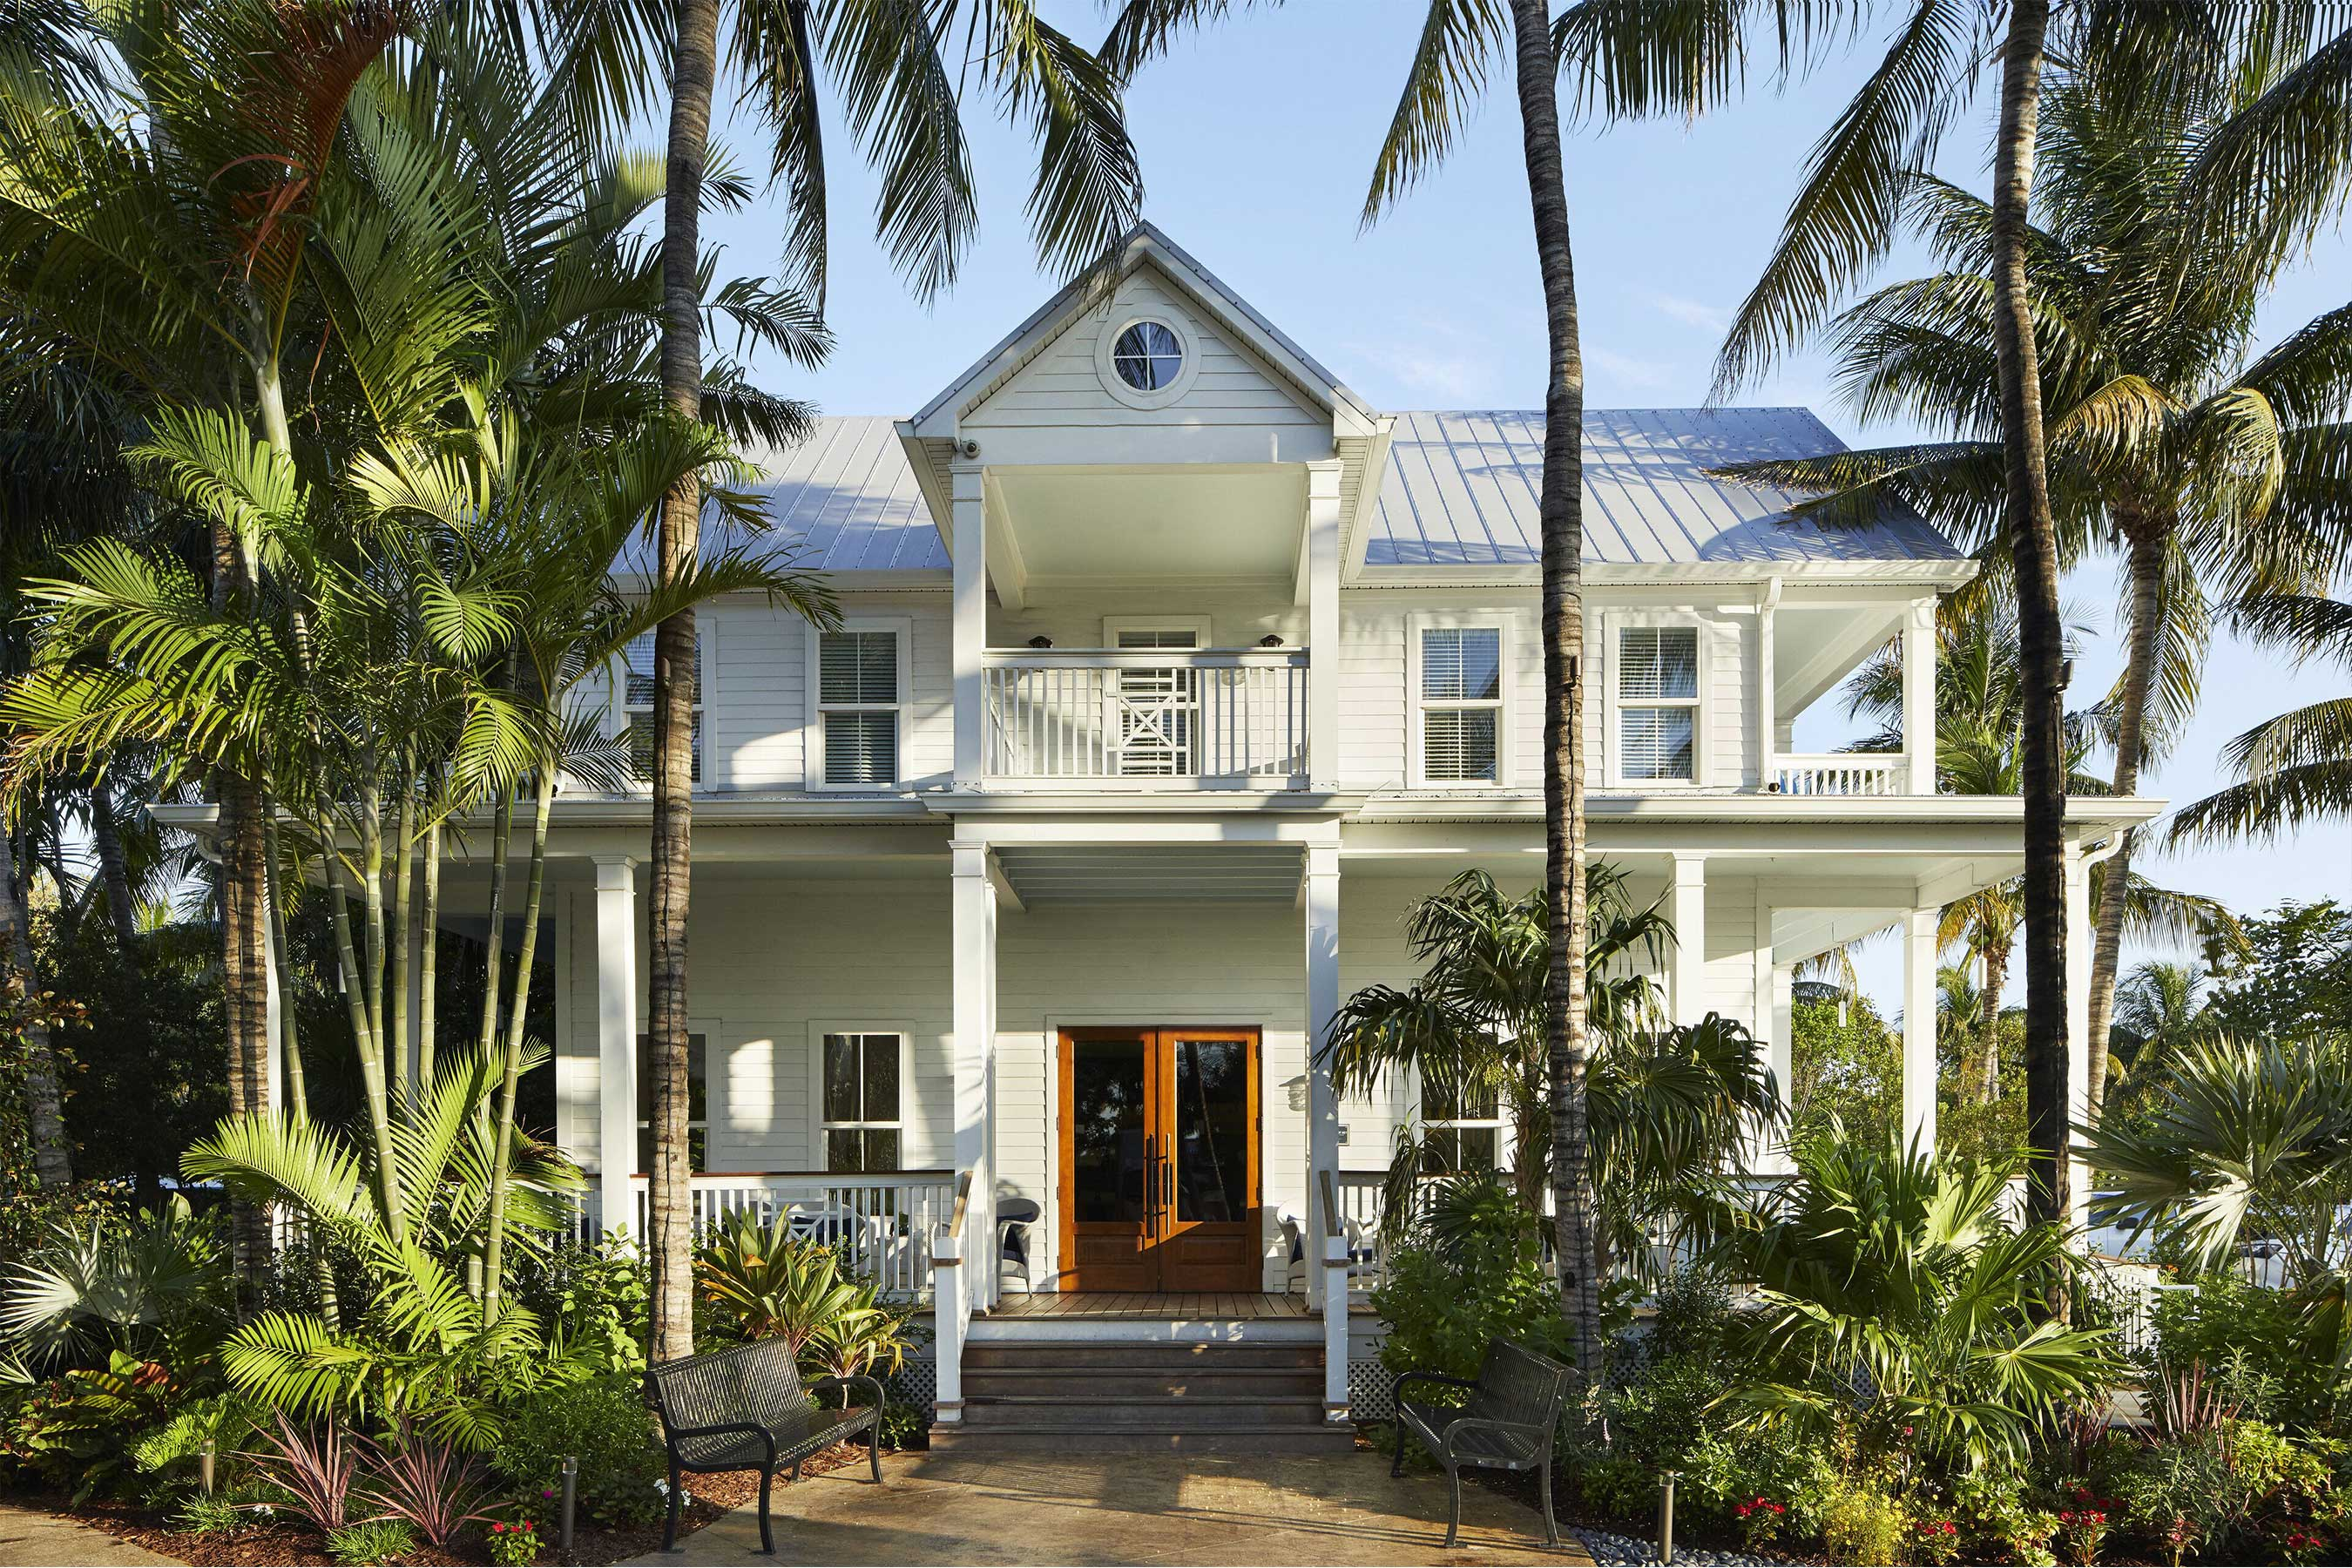 Parrott Key Hotel and Villas